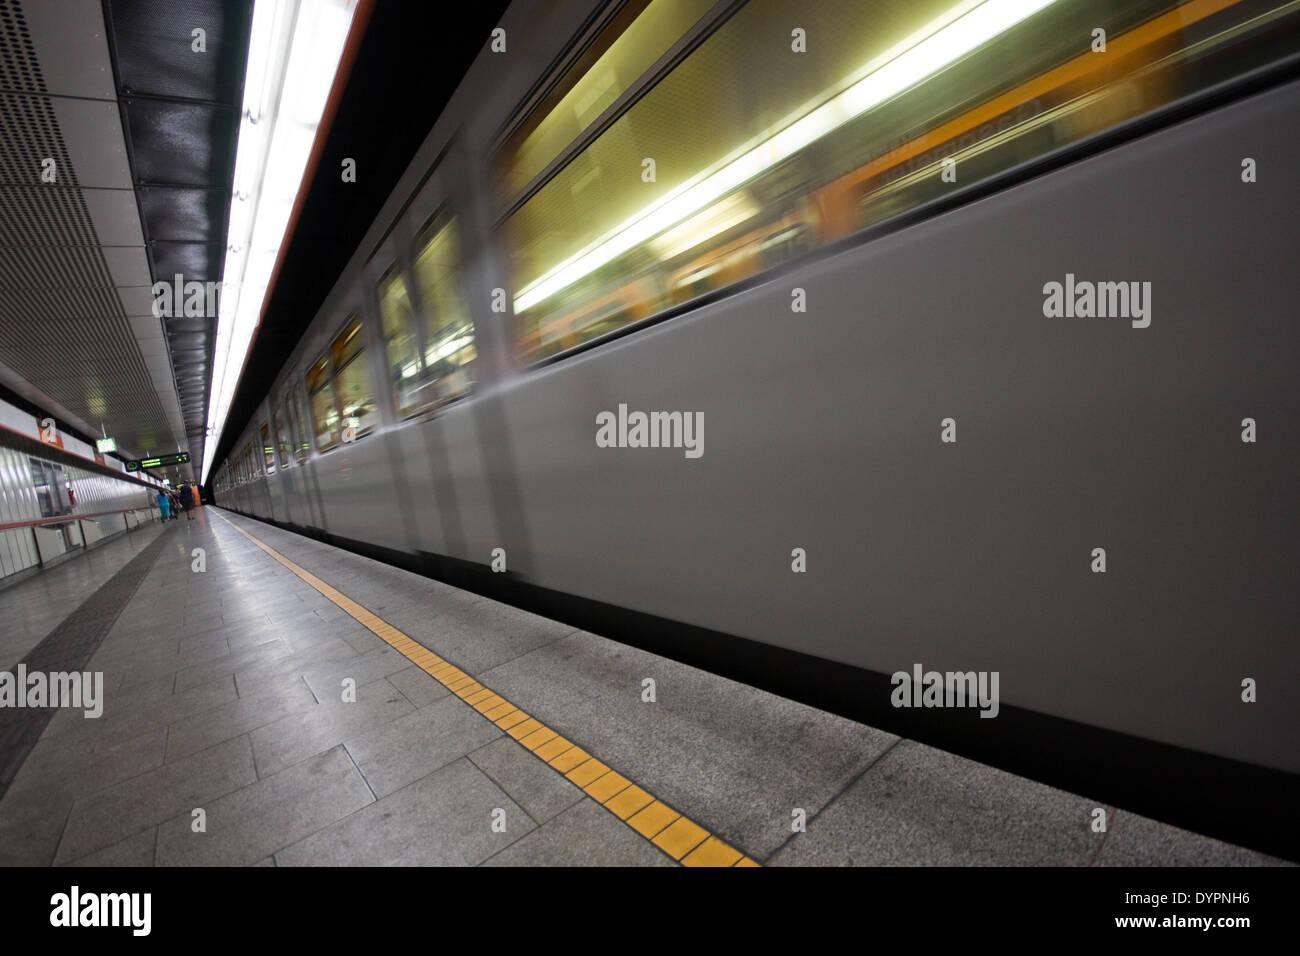 Ubahn, Wien, Österreich Stock Photo